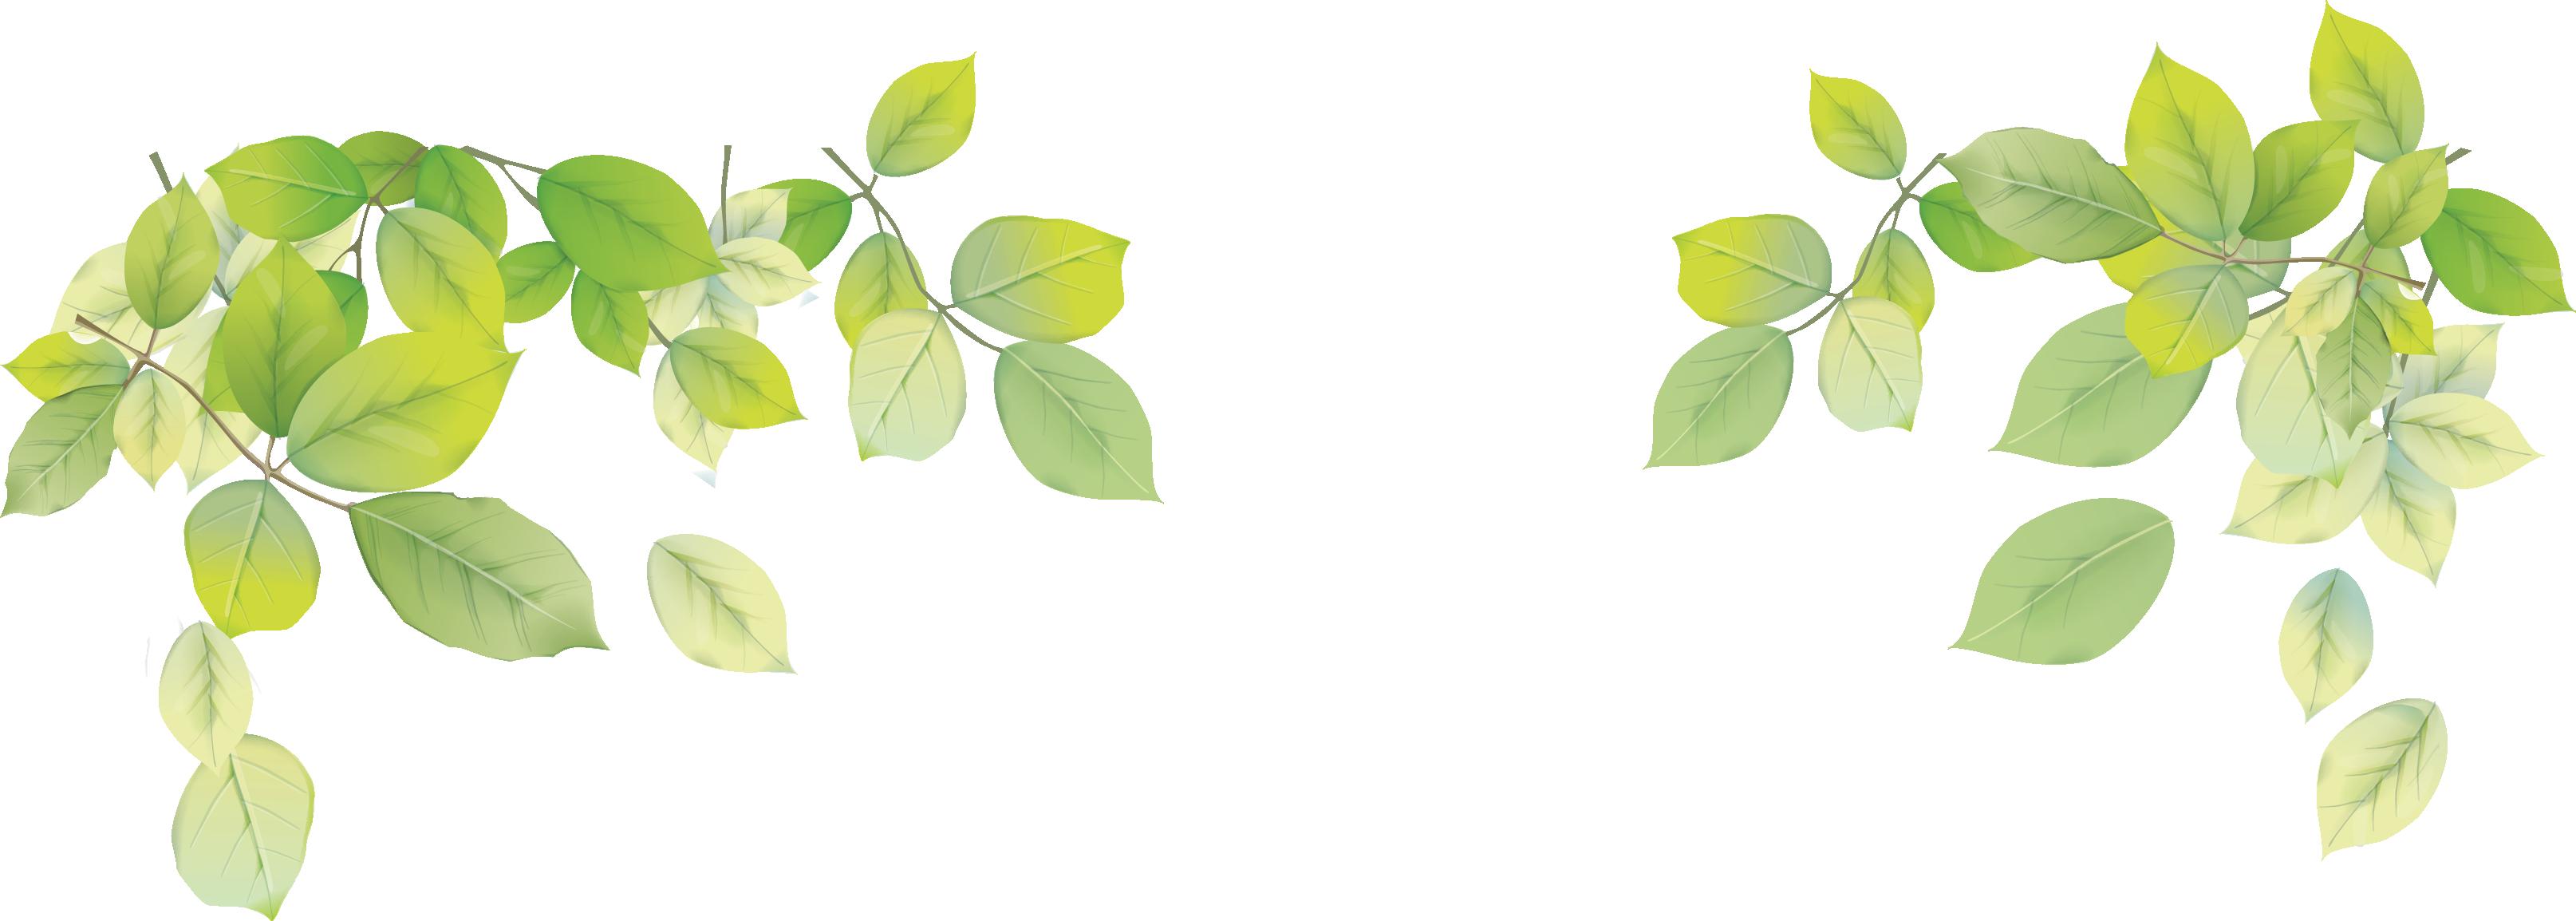 Leaf Png image #38636